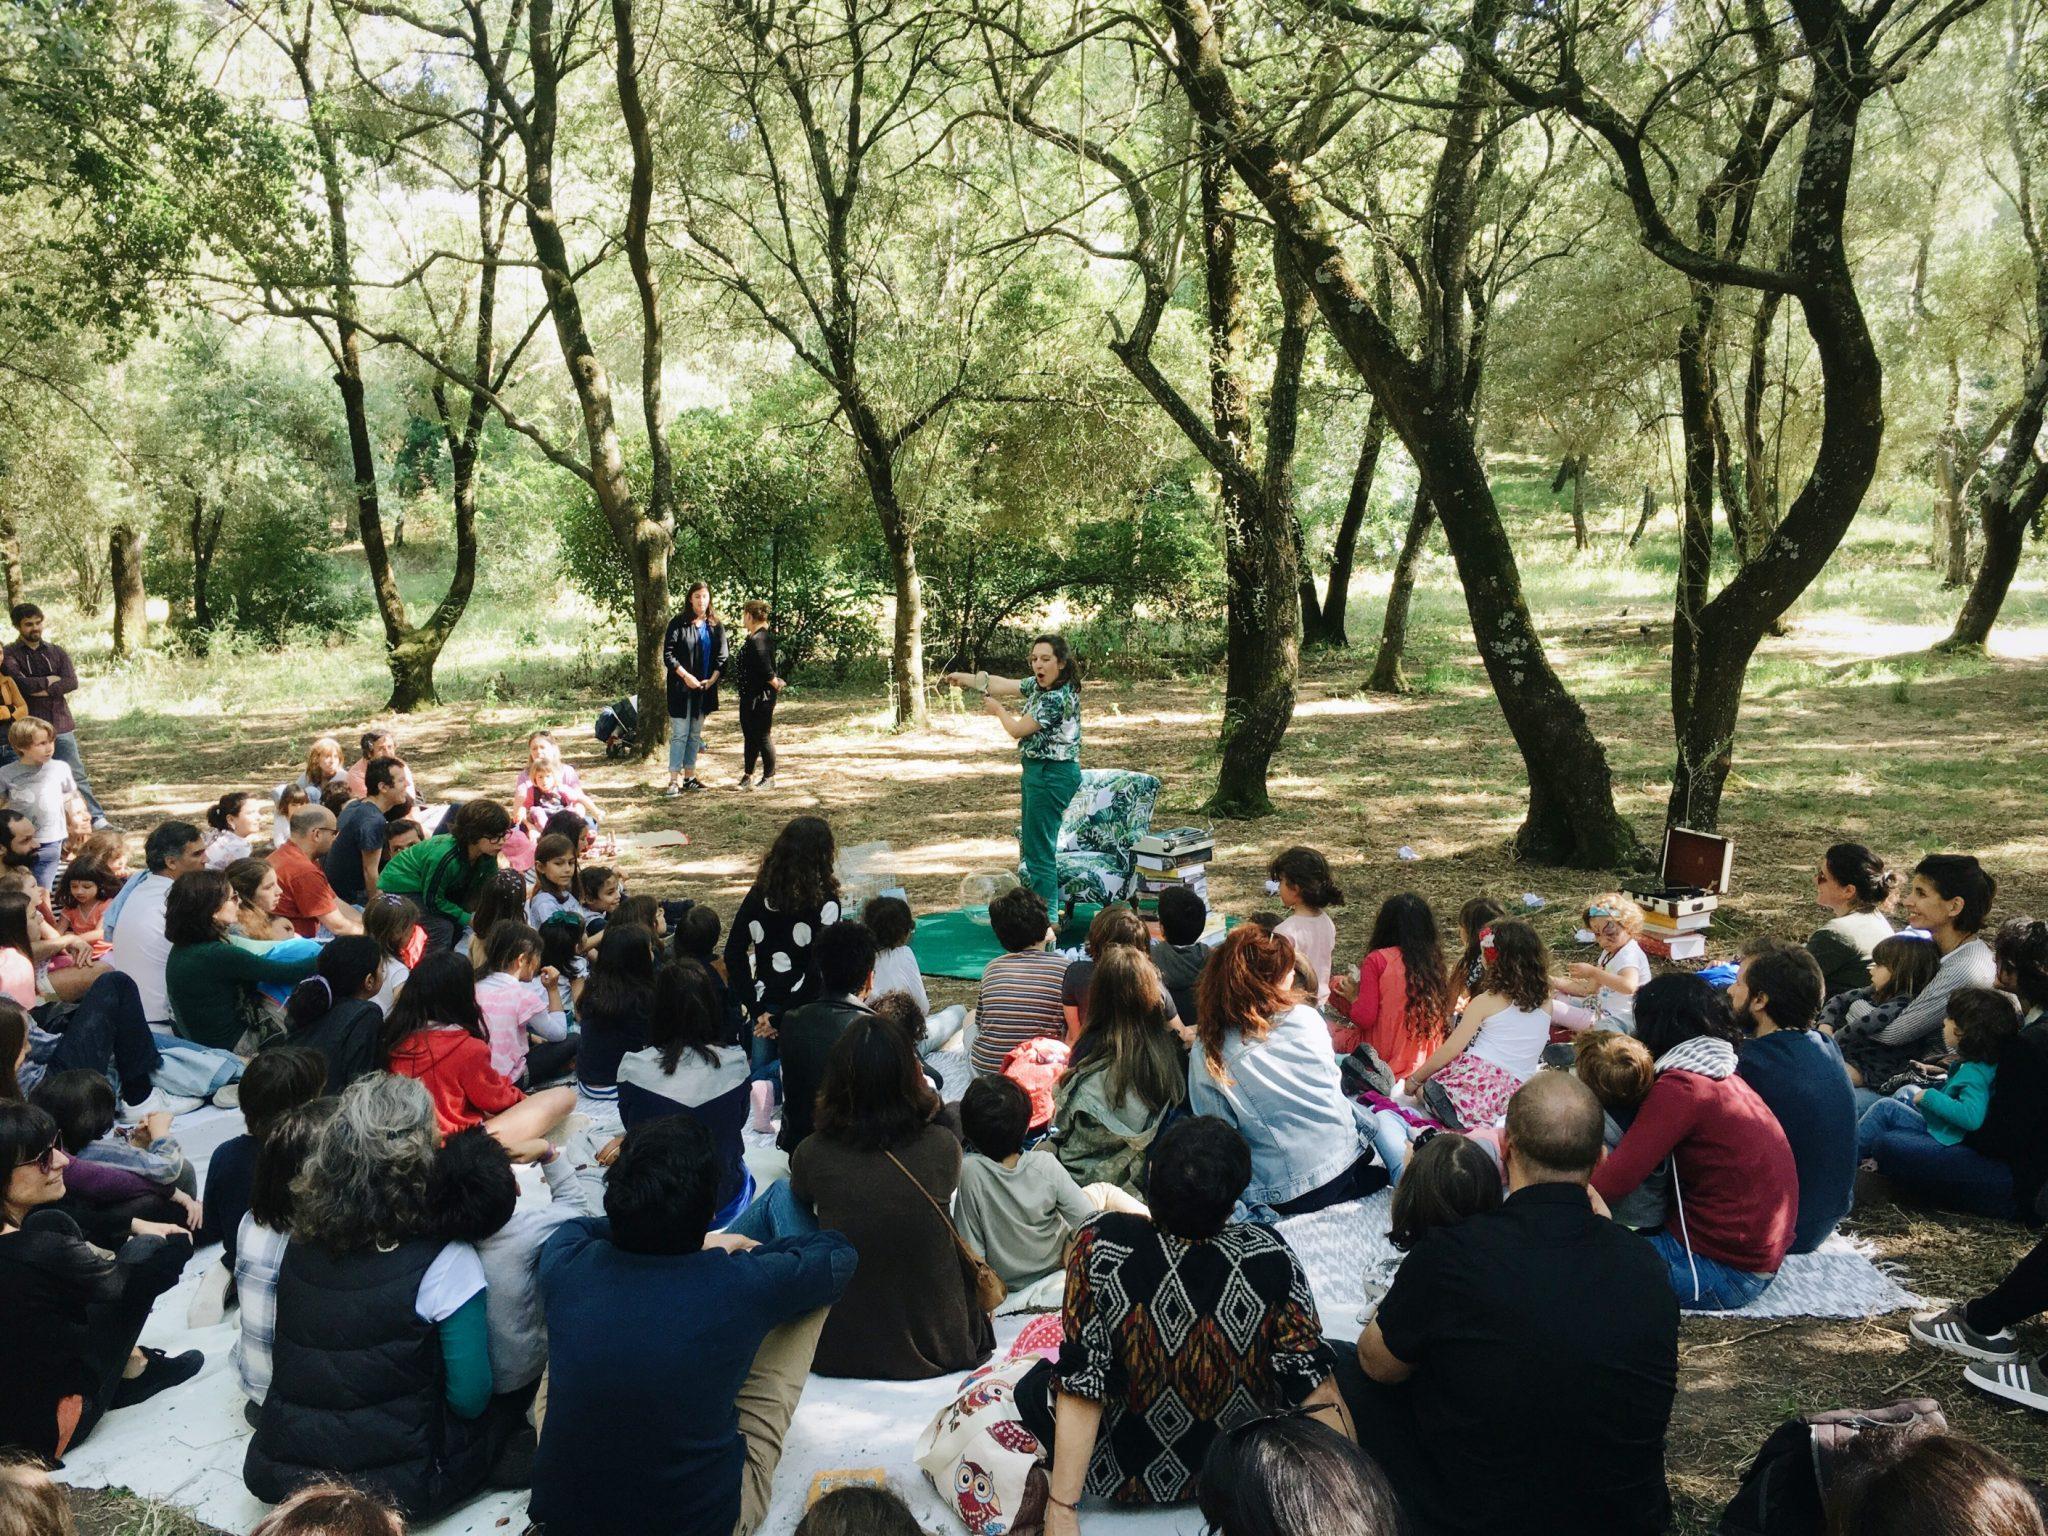 Plateia sentada no chão composta por adultos e crianças num jardim repleto de árvores. No centro uma actriz vestida de verde.